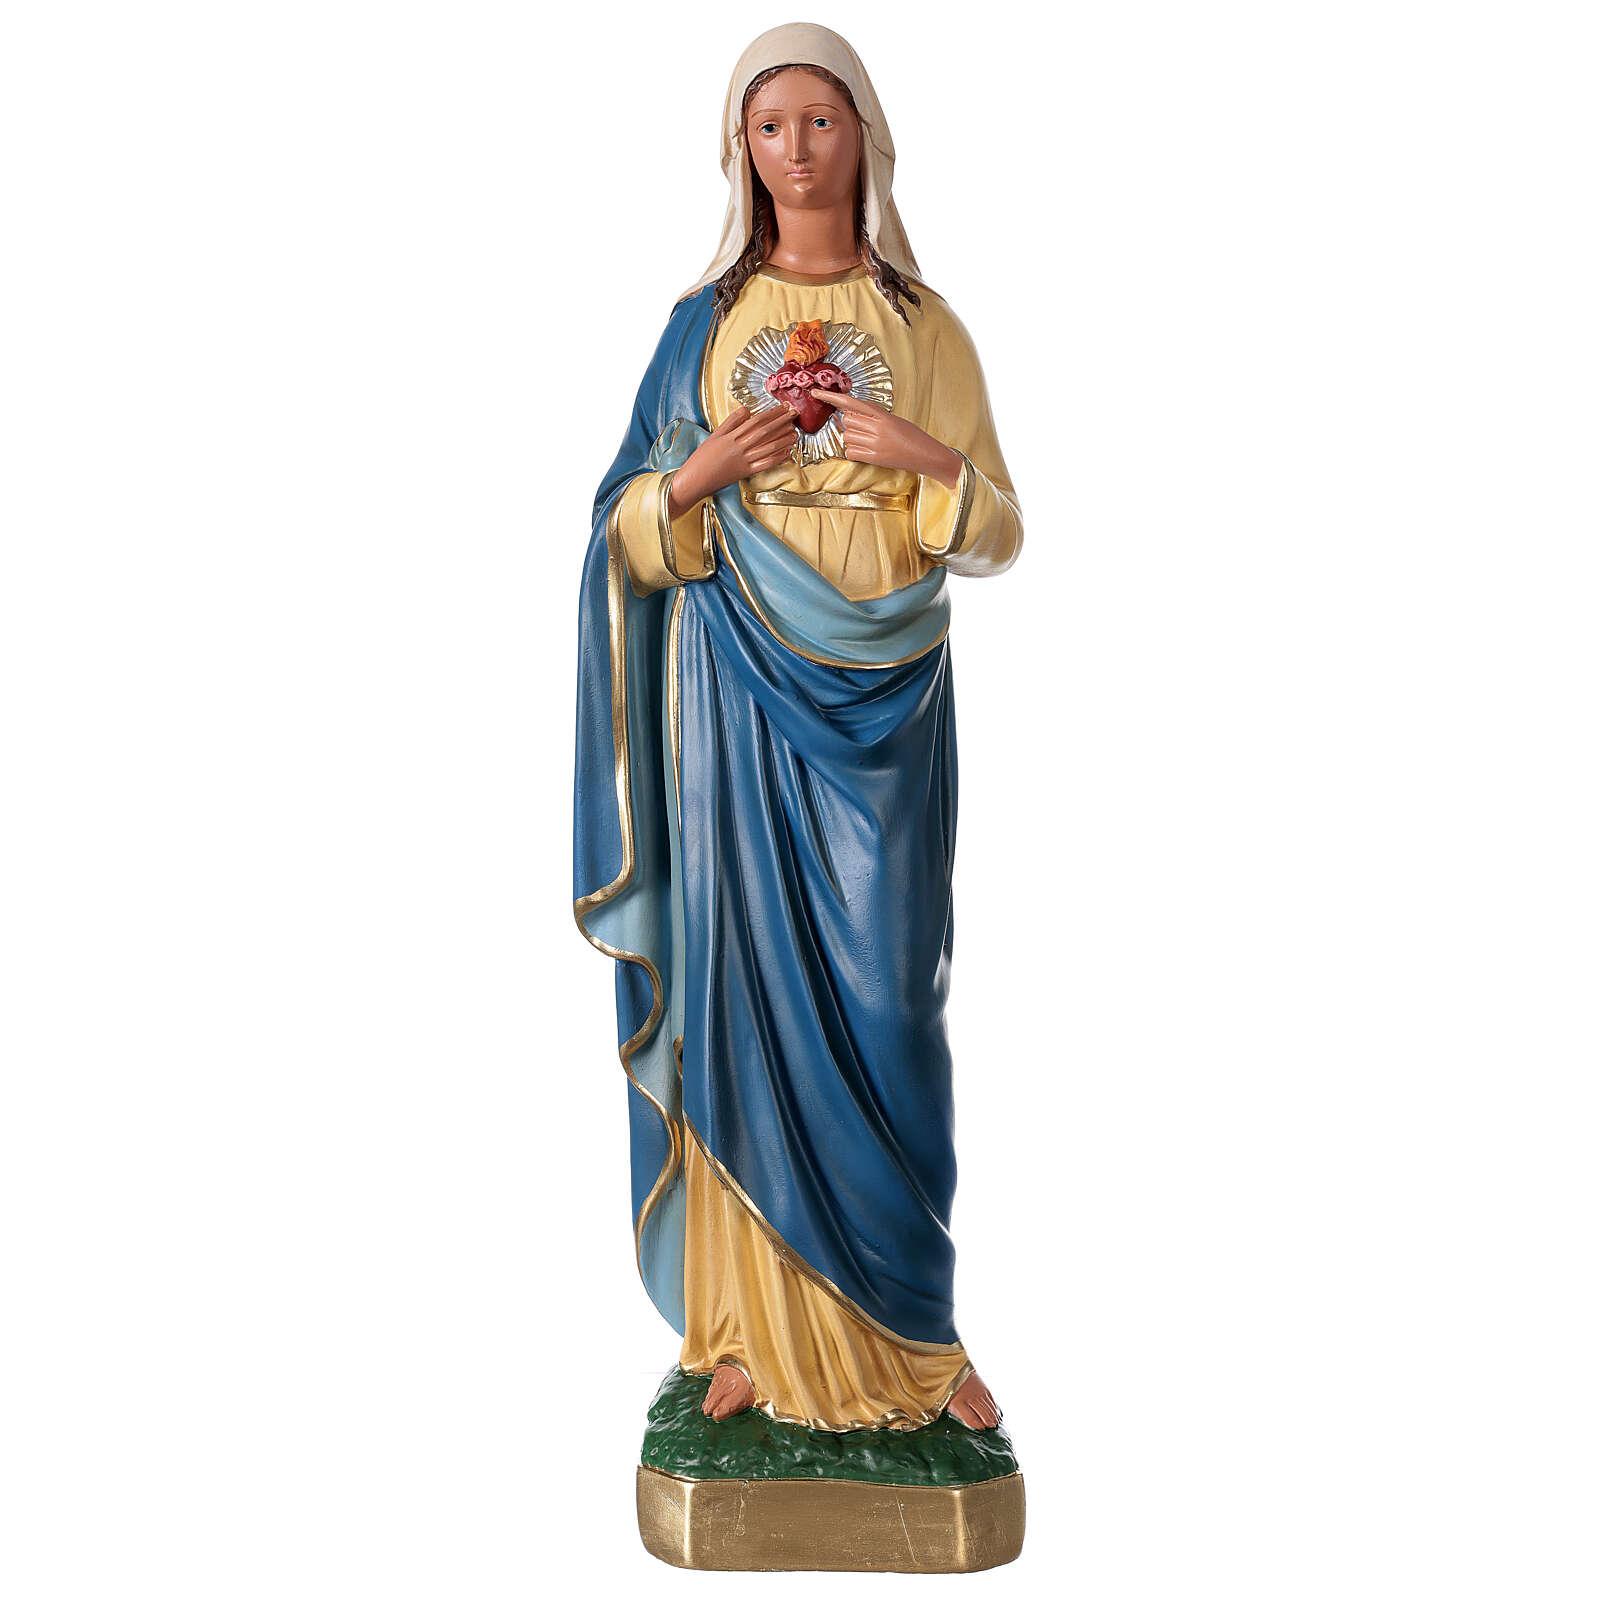 Sacro Cuore di Maria statua gesso 60 cm colorata mano Arte Barsanti 4